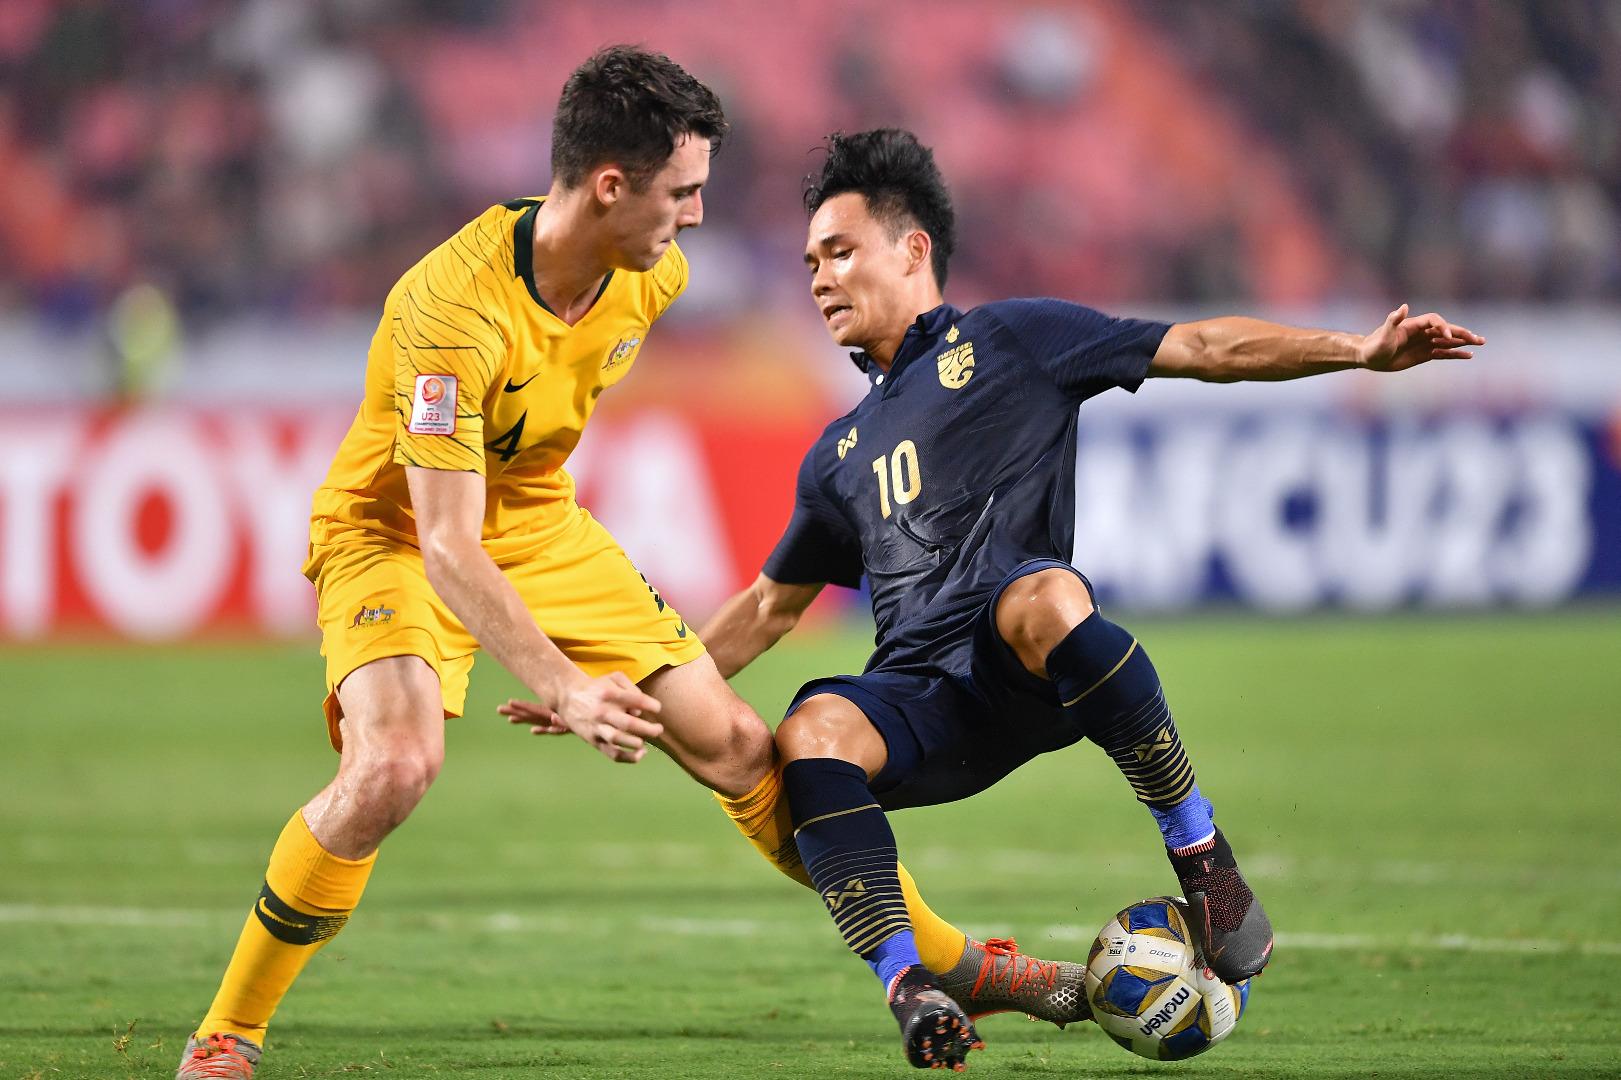 Soi kèo U23 Thái Lan vs U23 Iraq